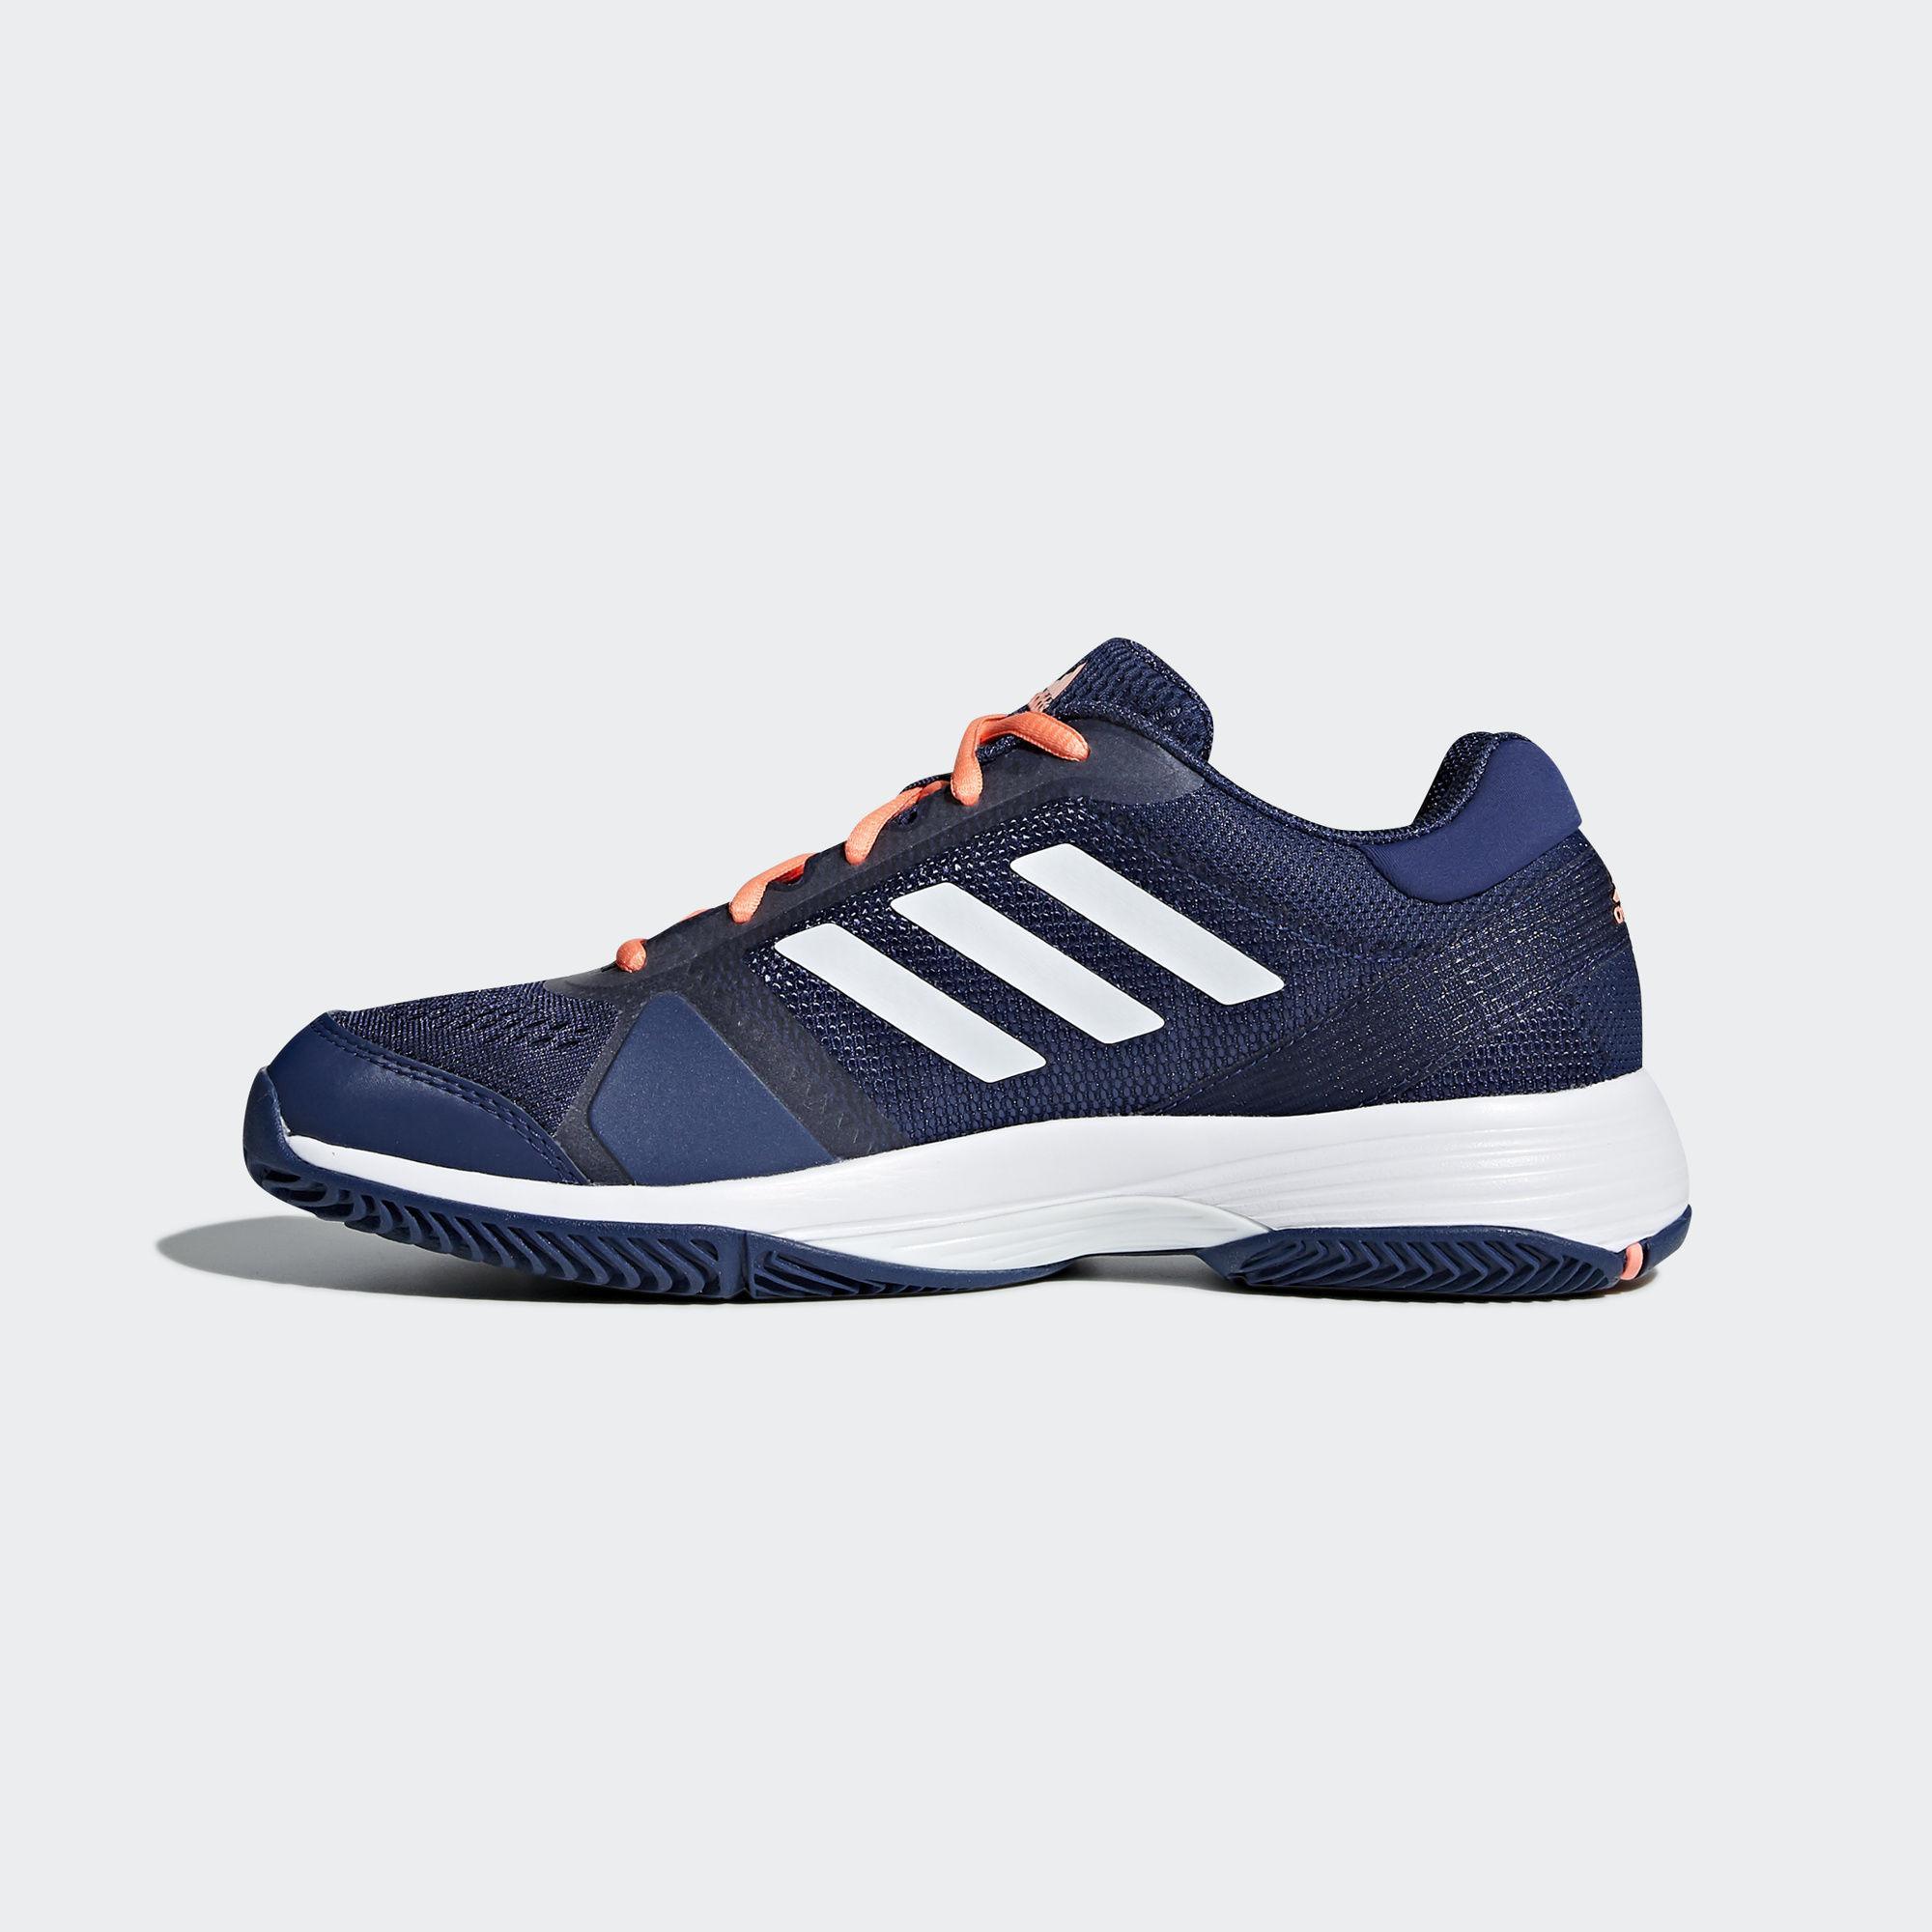 31057dda09b Adidas Womens Barricade Club Tennis Shoes - Indigo - Tennisnuts.com